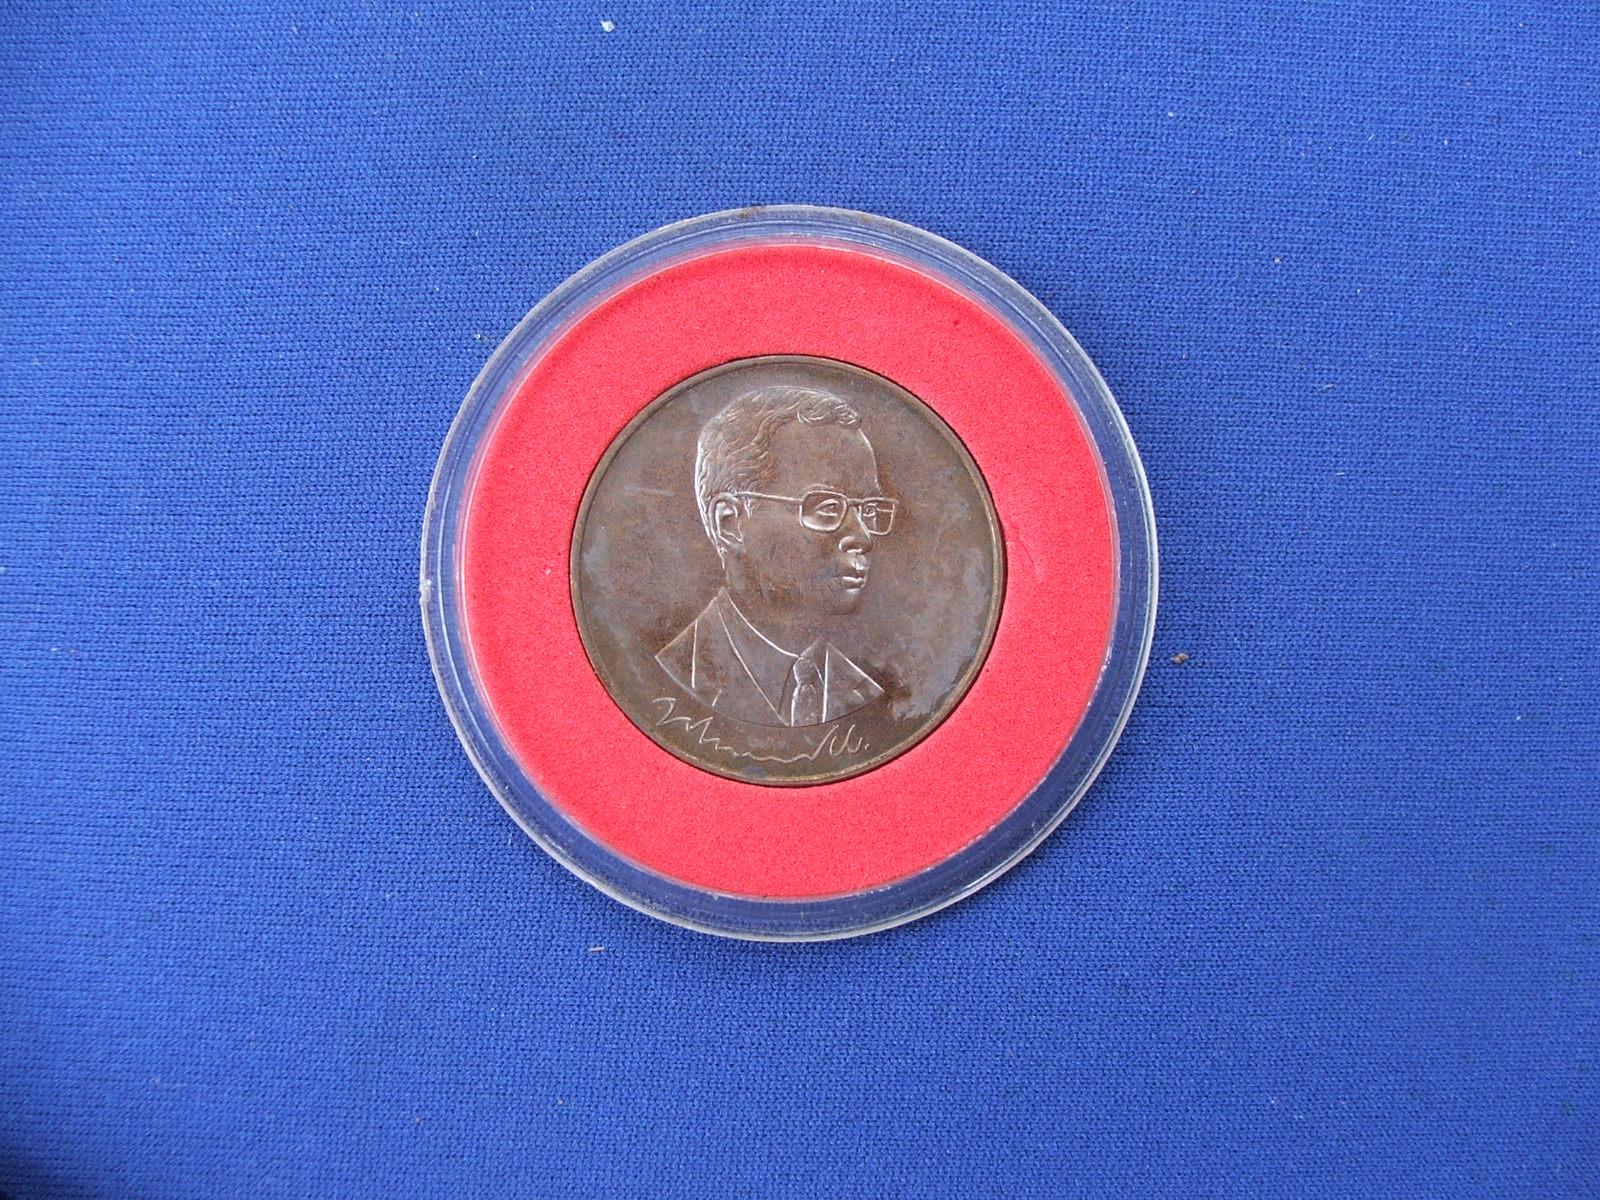 เหรียญปวงประชาร่วมใจบริจาคโลหิต ปีฉลองสิริราชสมบัติครบ 50 ปี 1 ม.ค 38-31 ธ.ค. 39 เนื้อทองแดงรมดำ ขนาด 2.6 ซ.ม